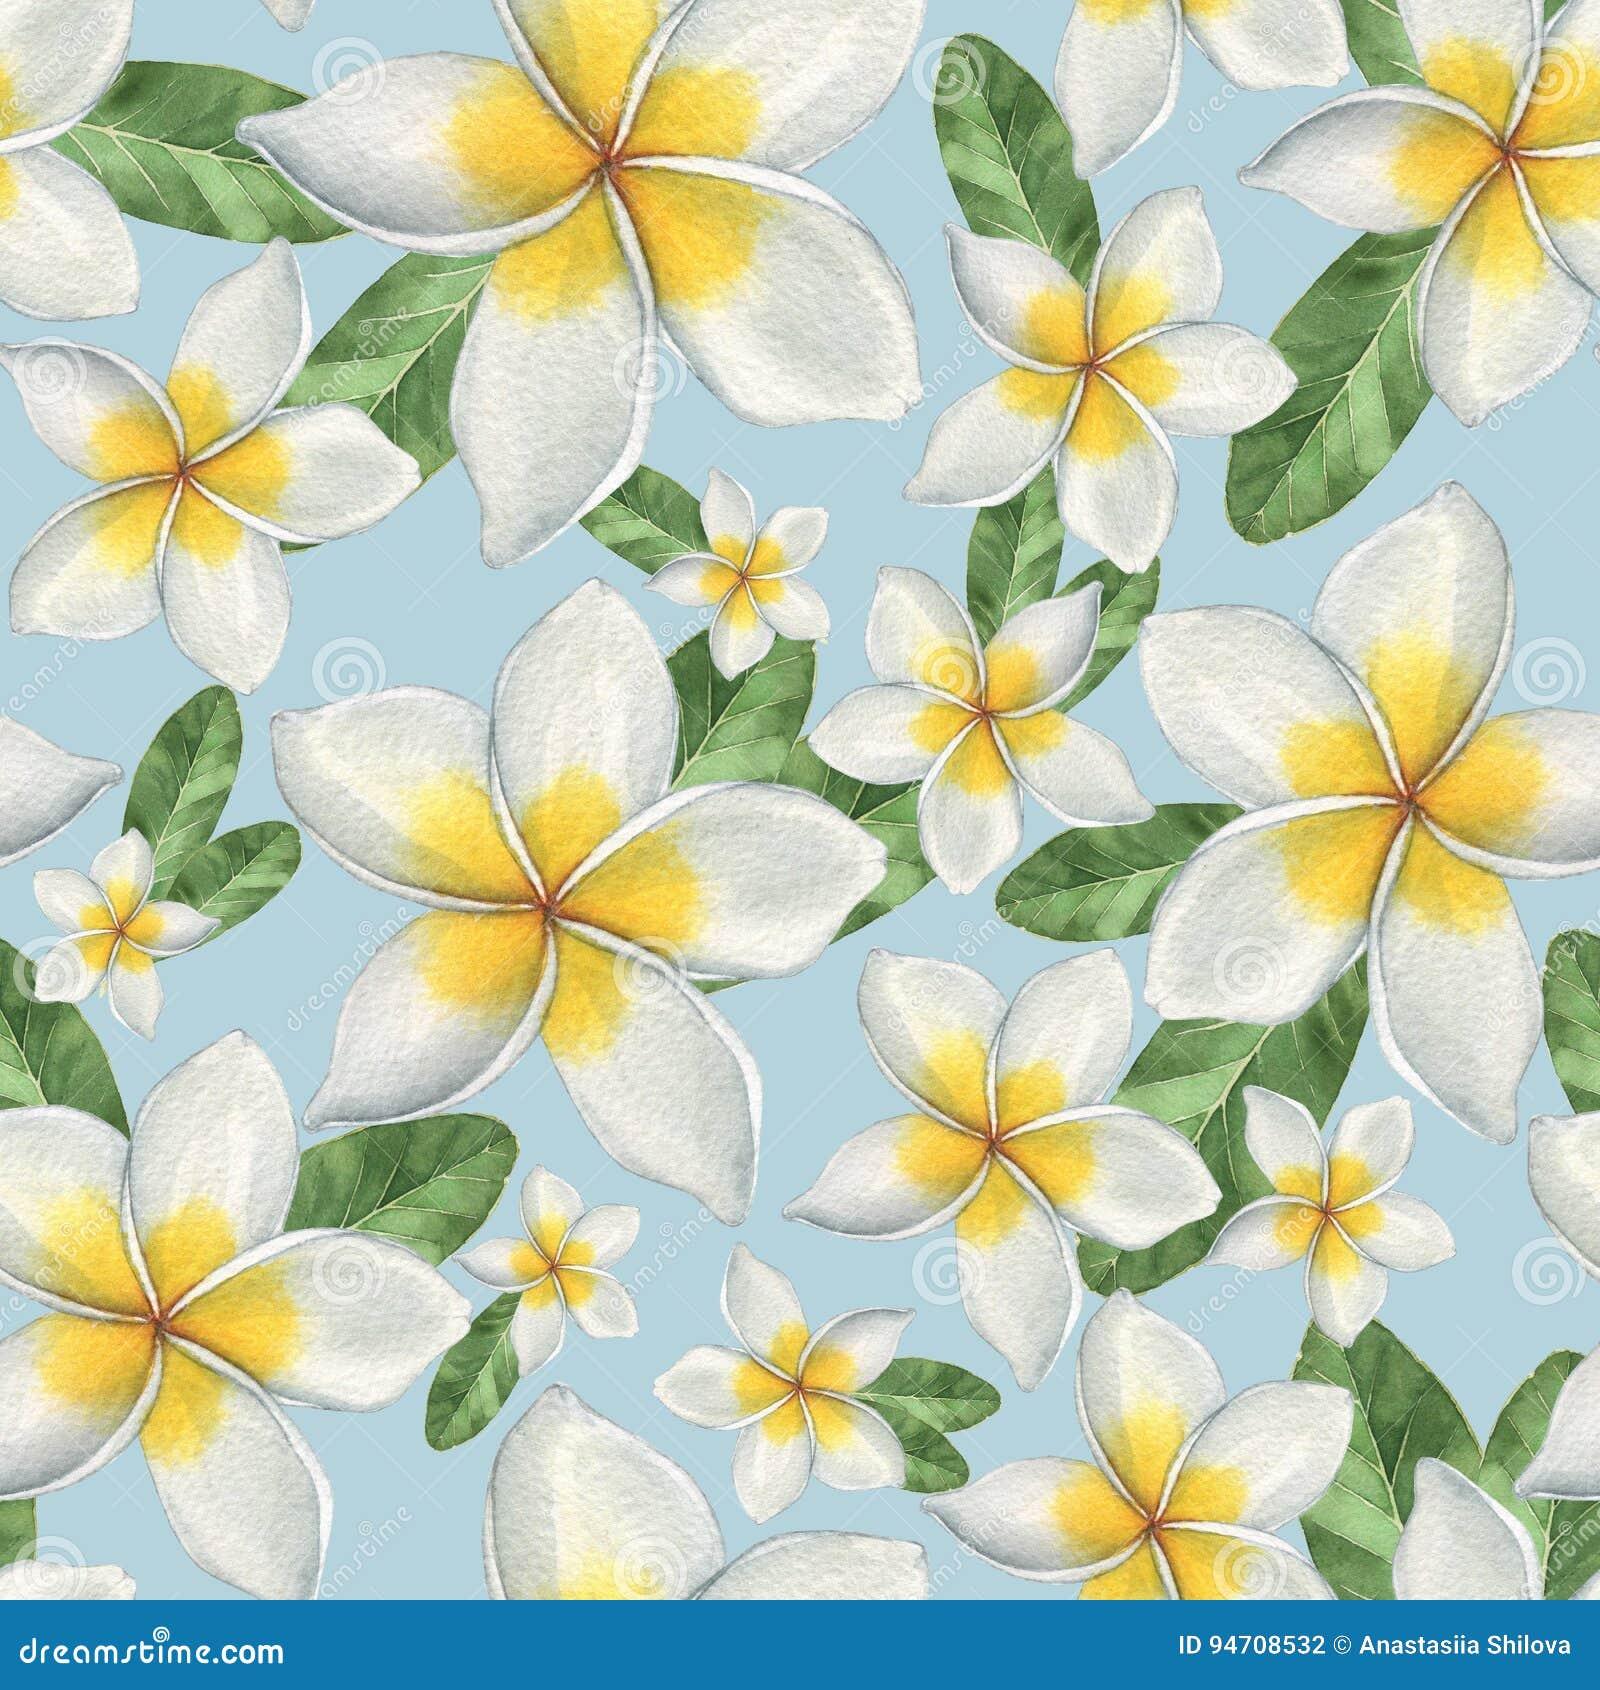 Hawaiian flowers stock illustration illustration of leaf 94708532 download hawaiian flowers stock illustration illustration of leaf 94708532 izmirmasajfo